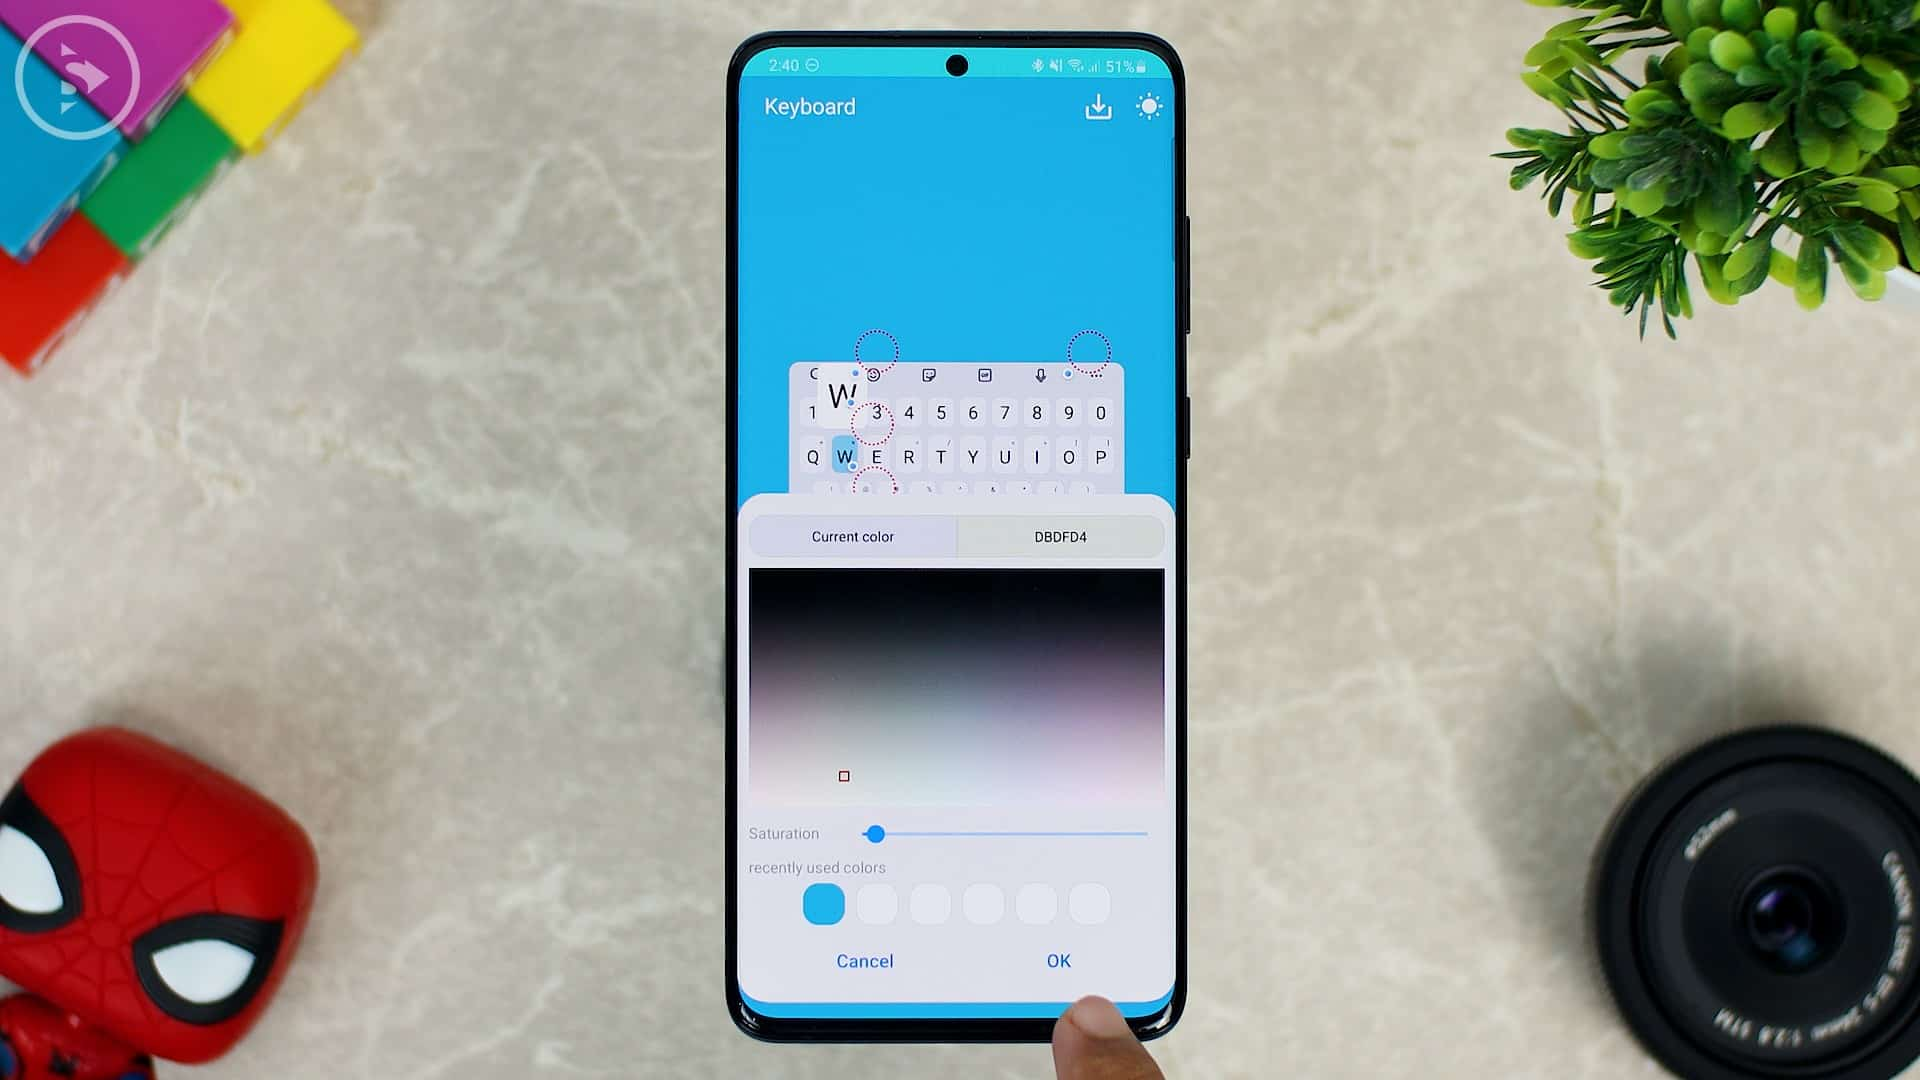 Cara Ganti Warna Keyboard di HP Samsung - Fitur Baru Good Lock - Klik OK setelah pilih warna